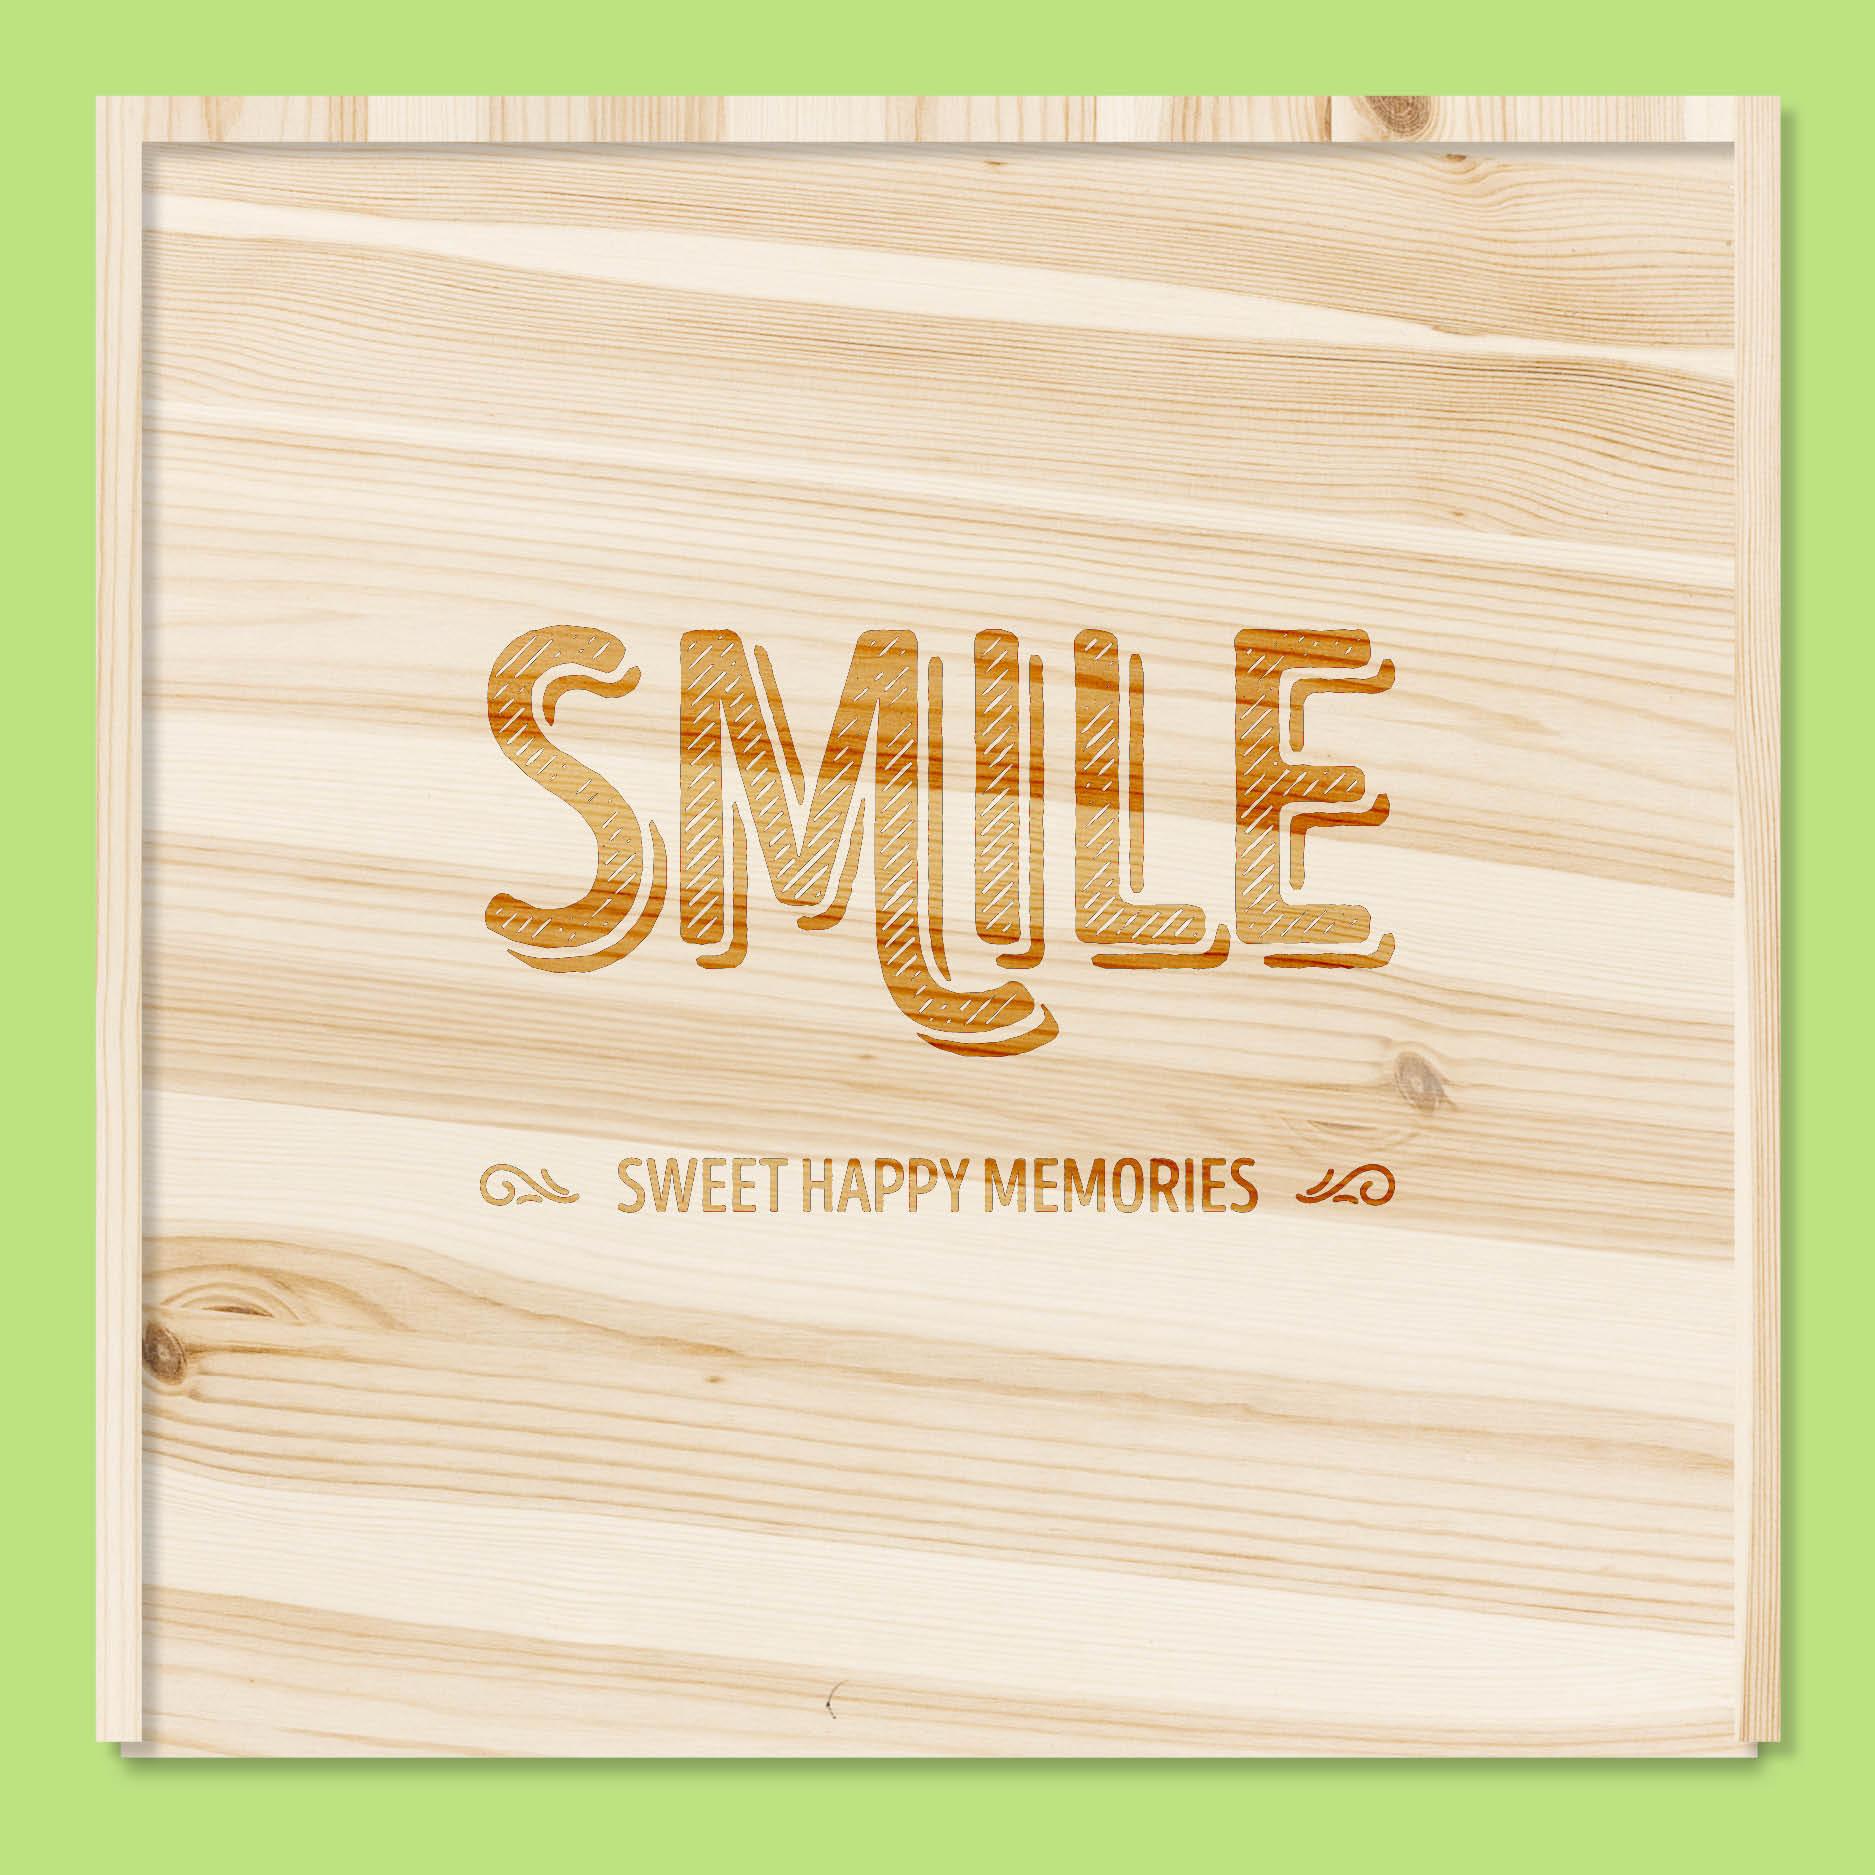 Smile sweet happy memories // houten doos